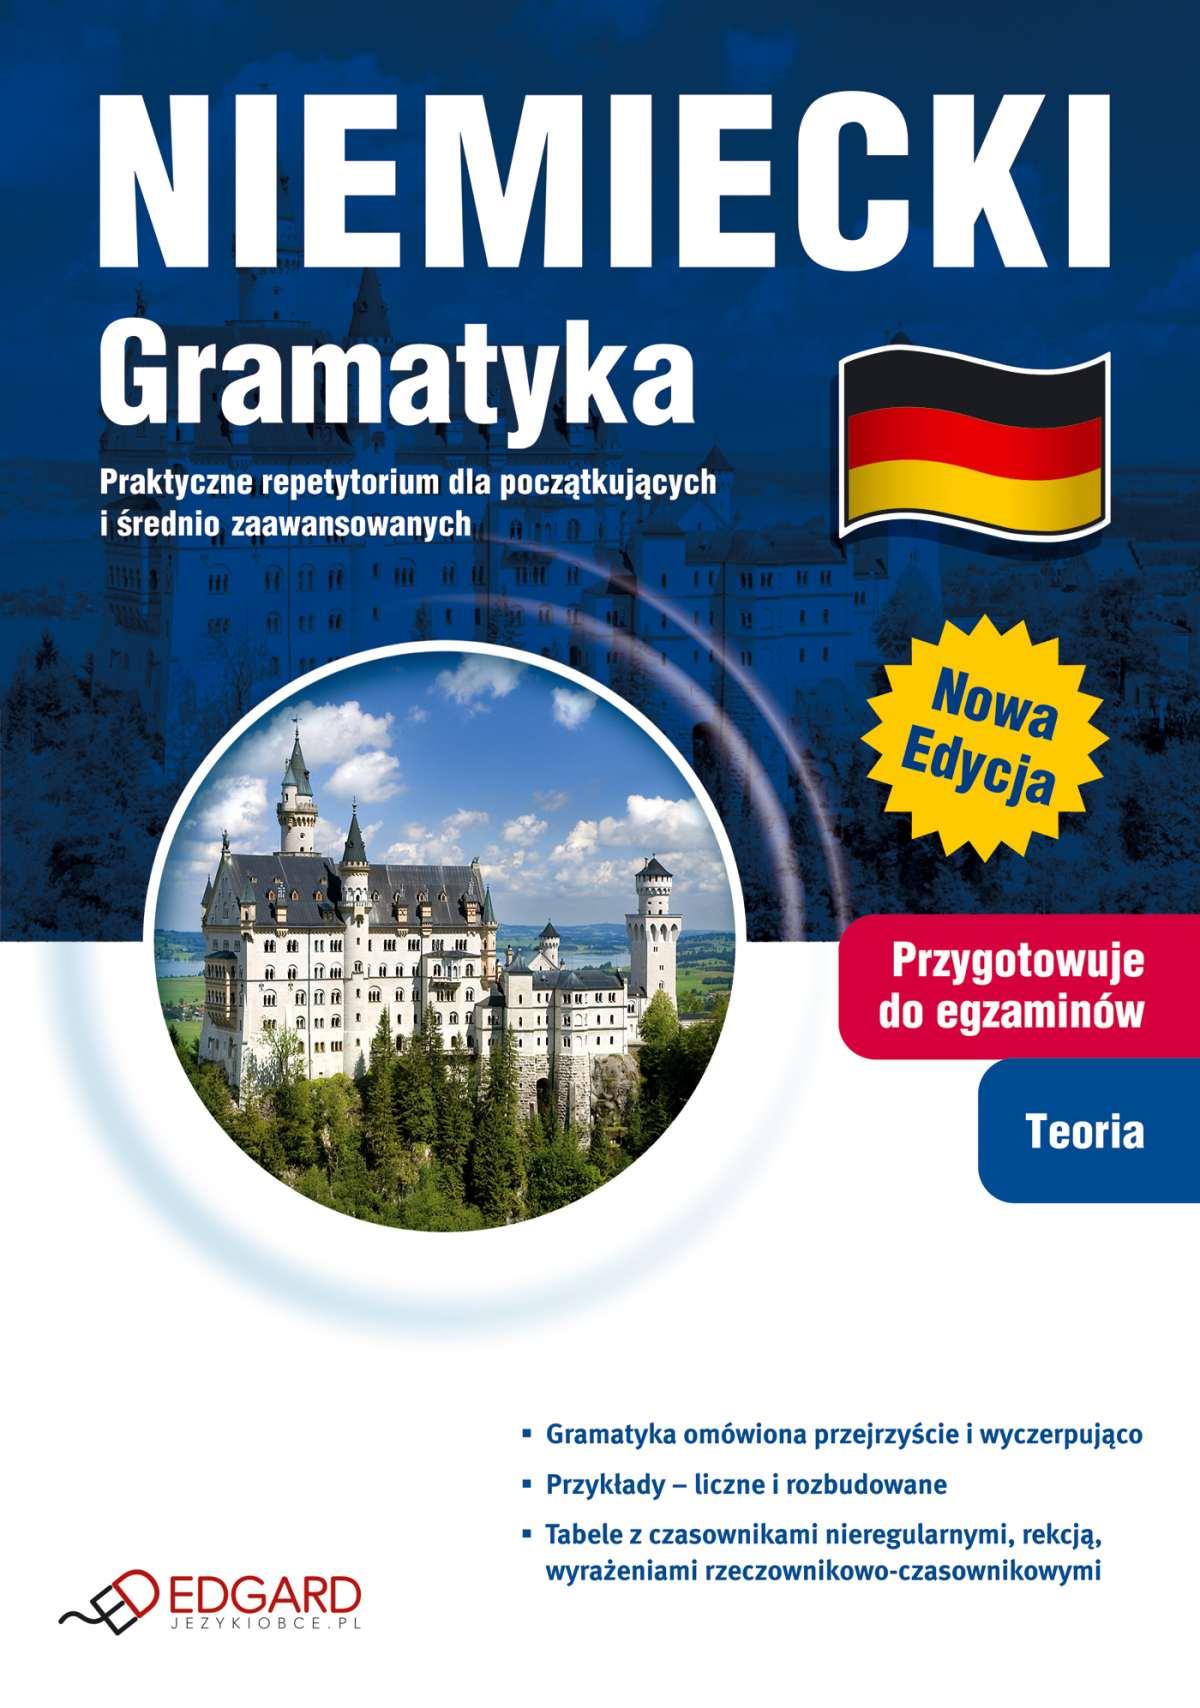 Niemiecki Gramatyka. Praktyczne repetytorium dla początkujących i średnio zaawansowanych - Ebook (Książka EPUB) do pobrania w formacie EPUB